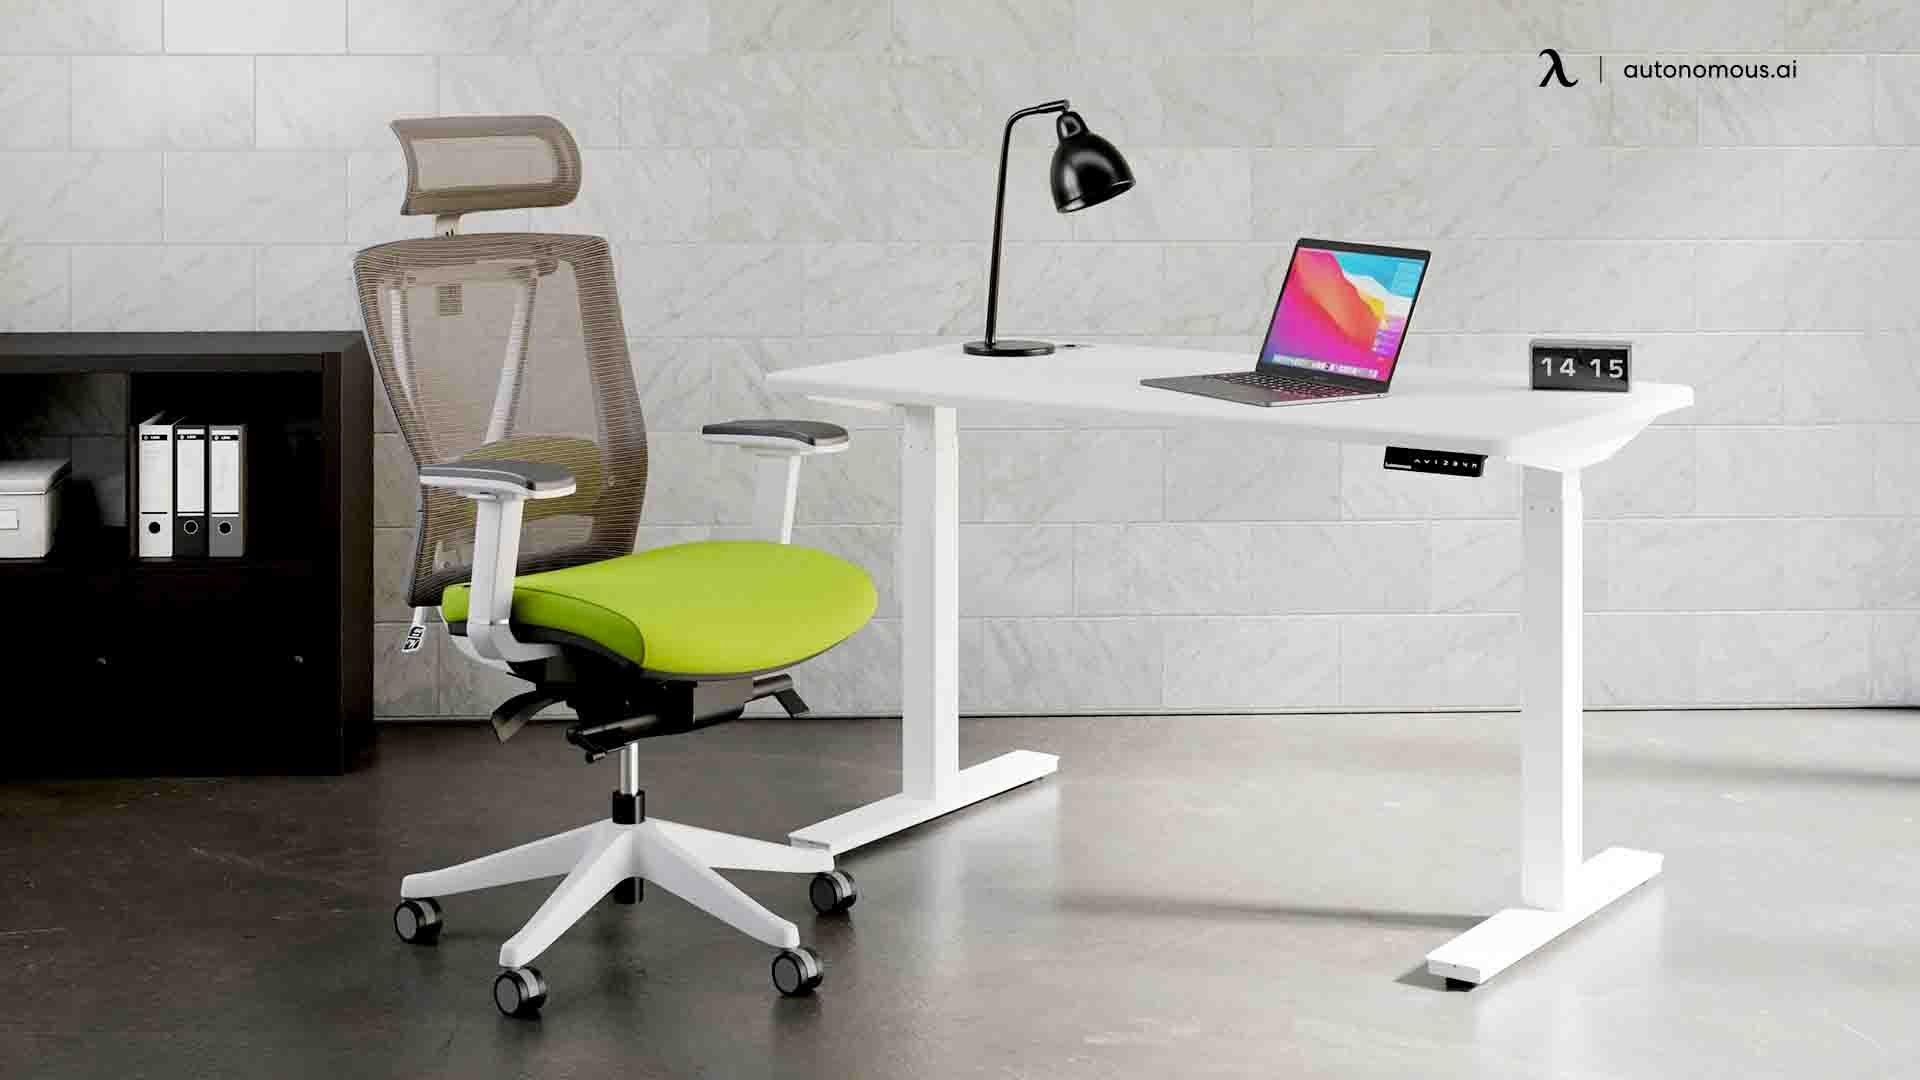 ergonomic items